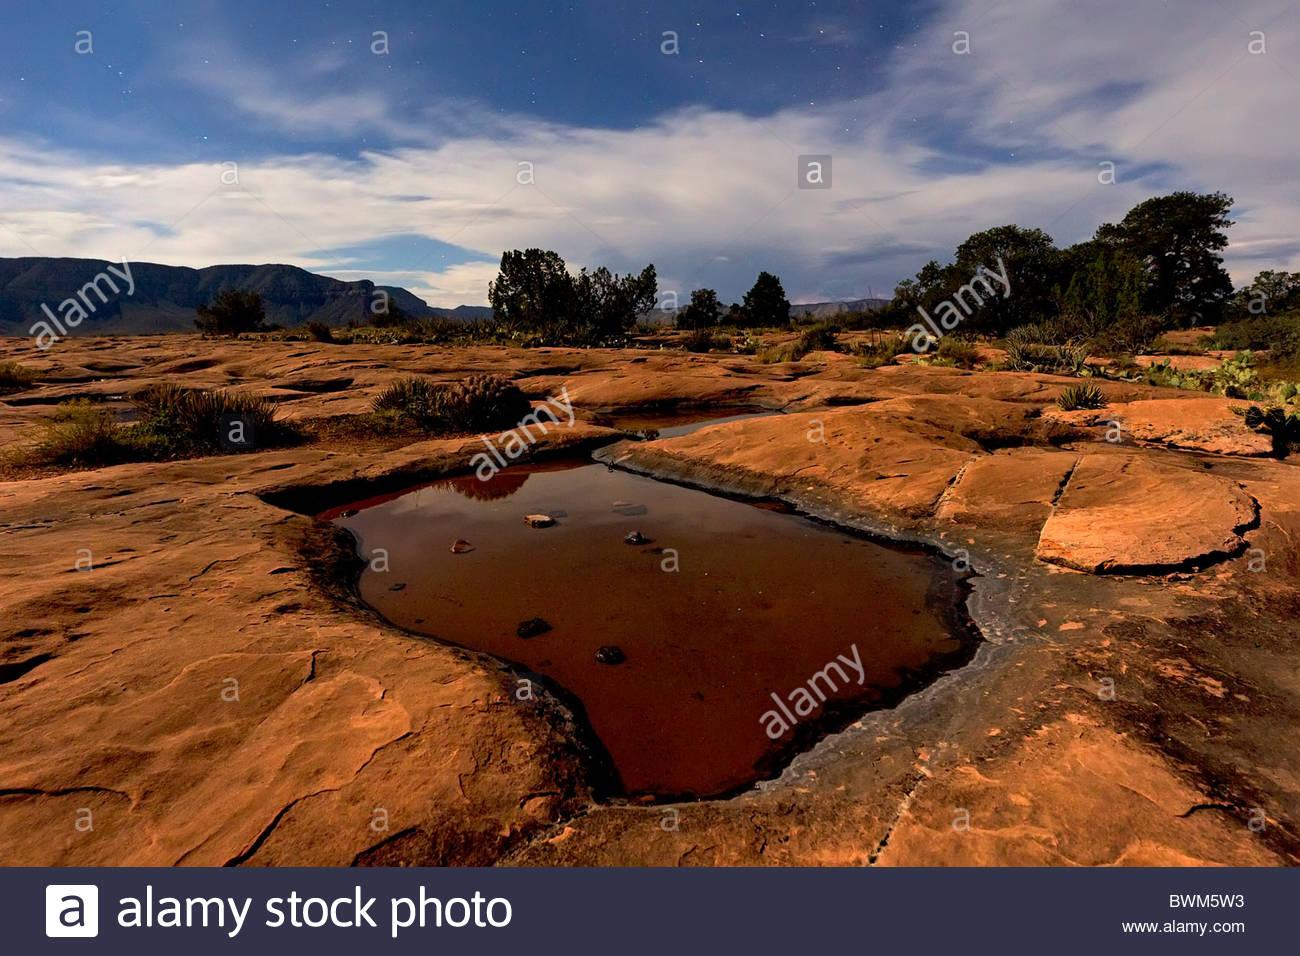 Acqua di pioggia si raccoglie in numerose buche nel disco, arenaria il paesaggio del deserto a Tuweep, Arizona. Immagini Stock